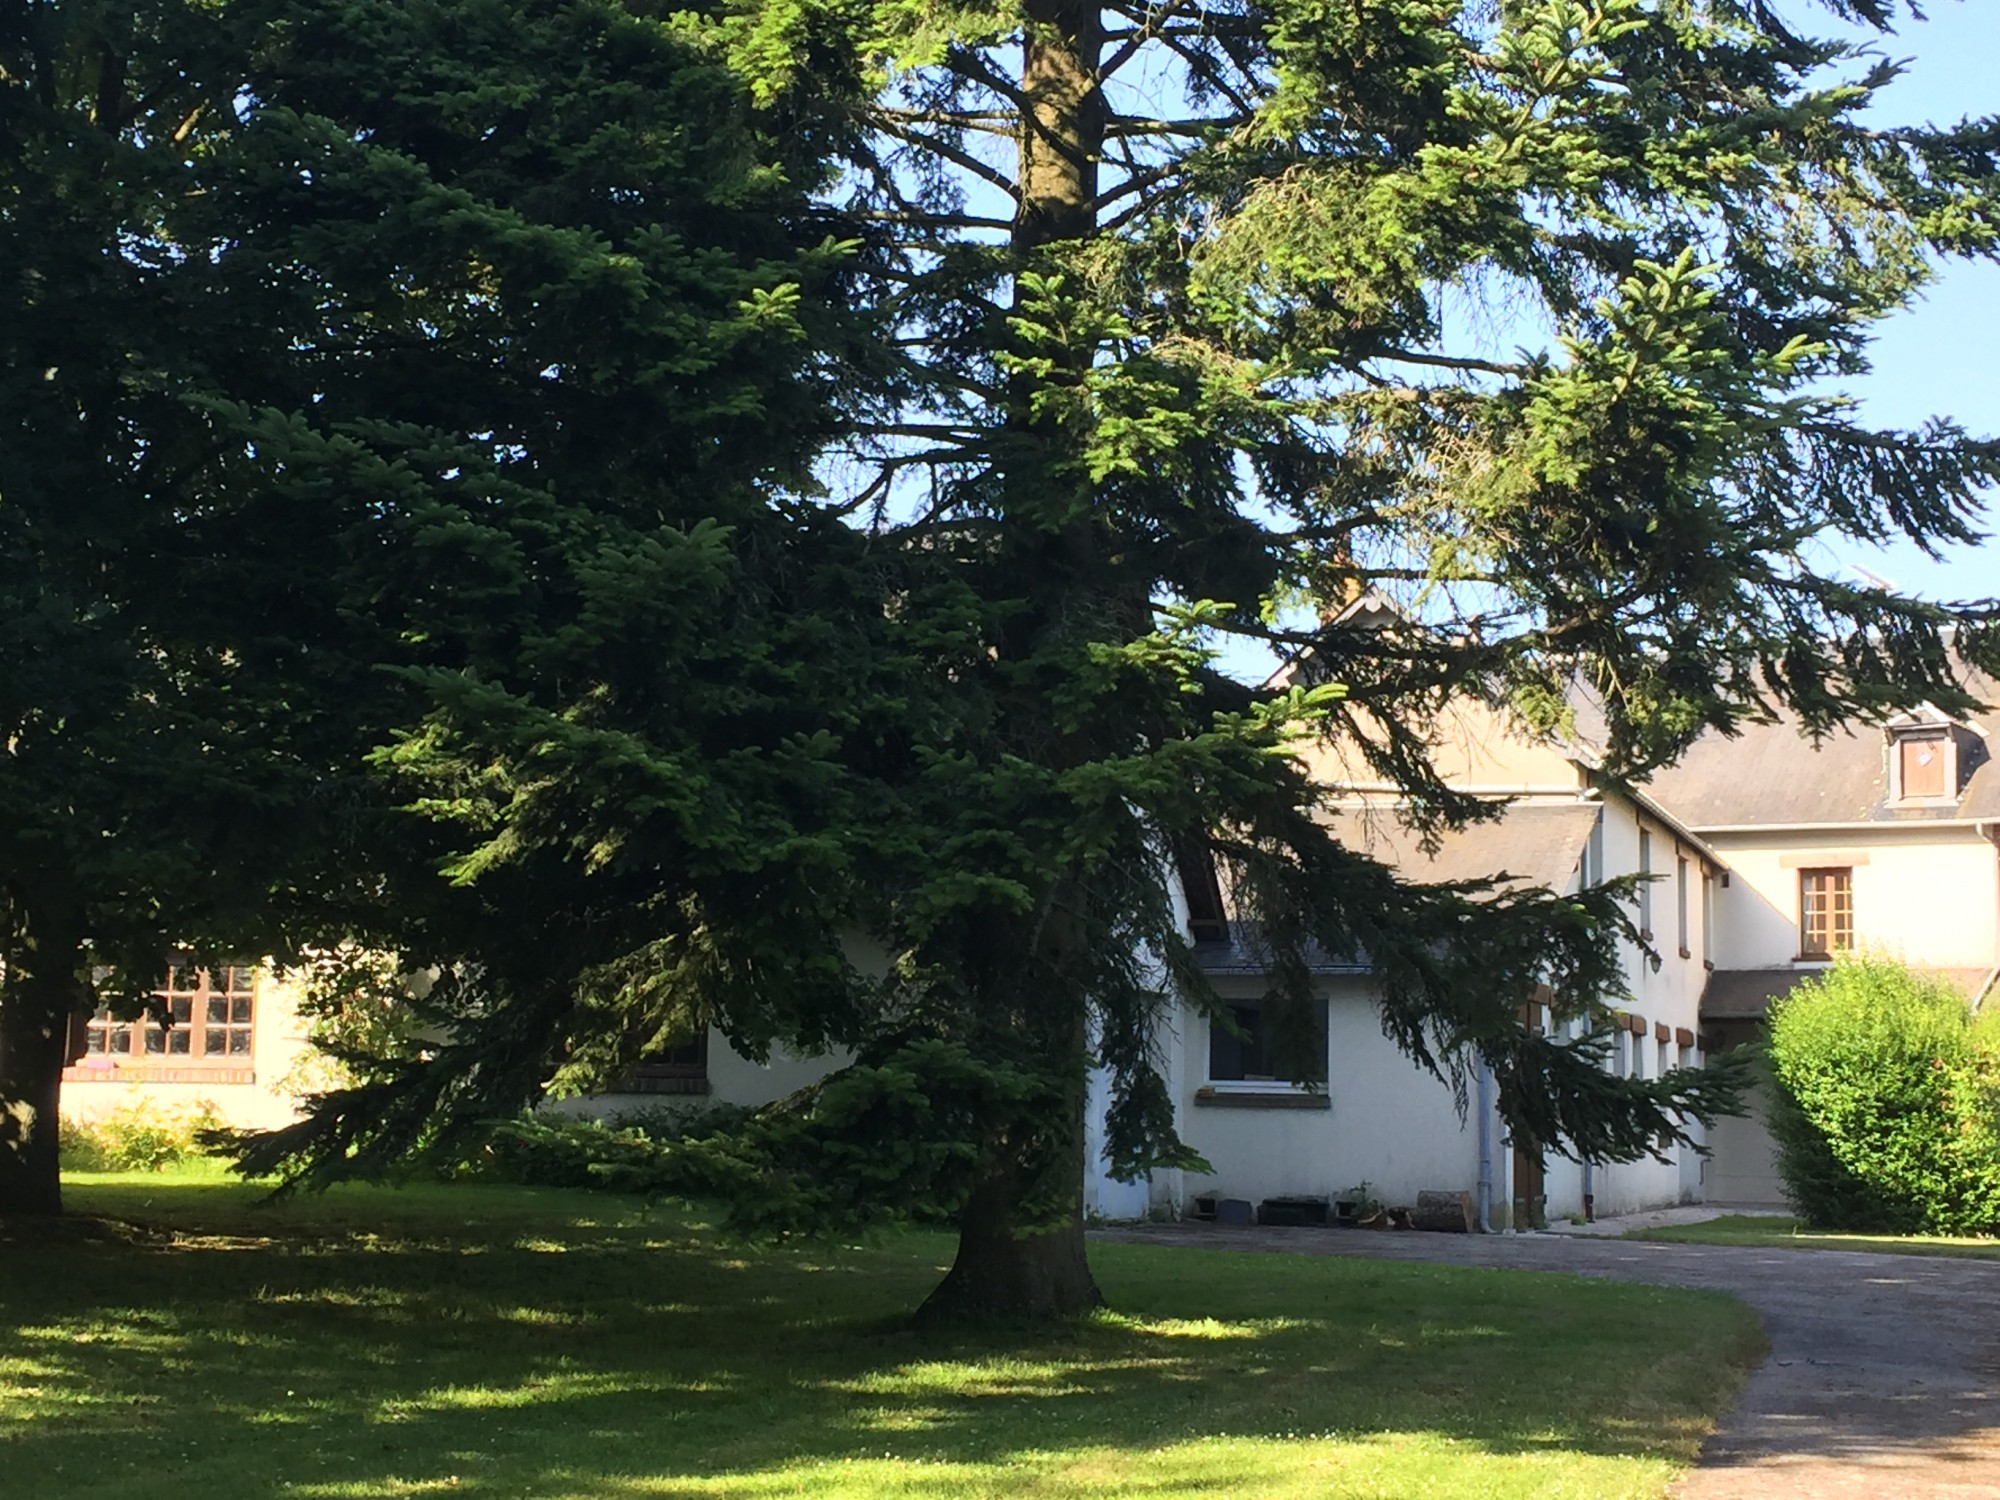 maison a vendre à Lyons-la-Forêt 27480, Agence Terres et Demeures de Normandie